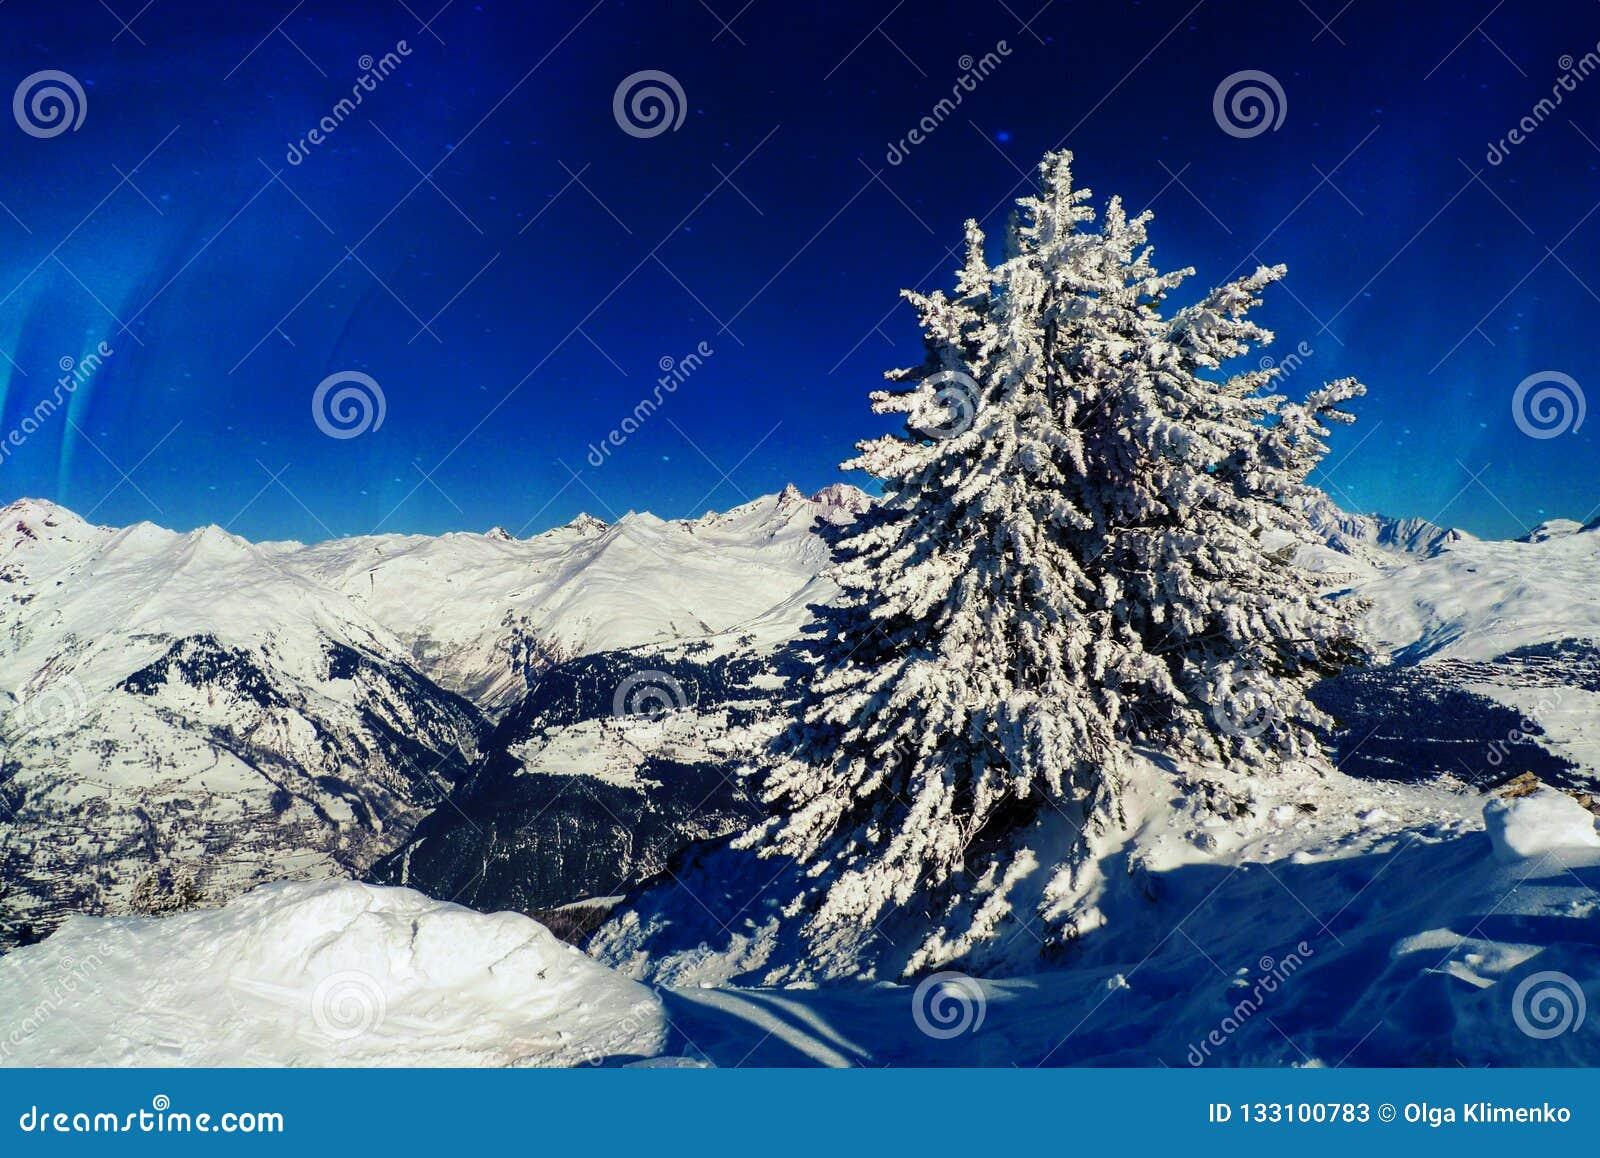 Raspa de arenque en la nieve encima de una montaña contra un cielo azul